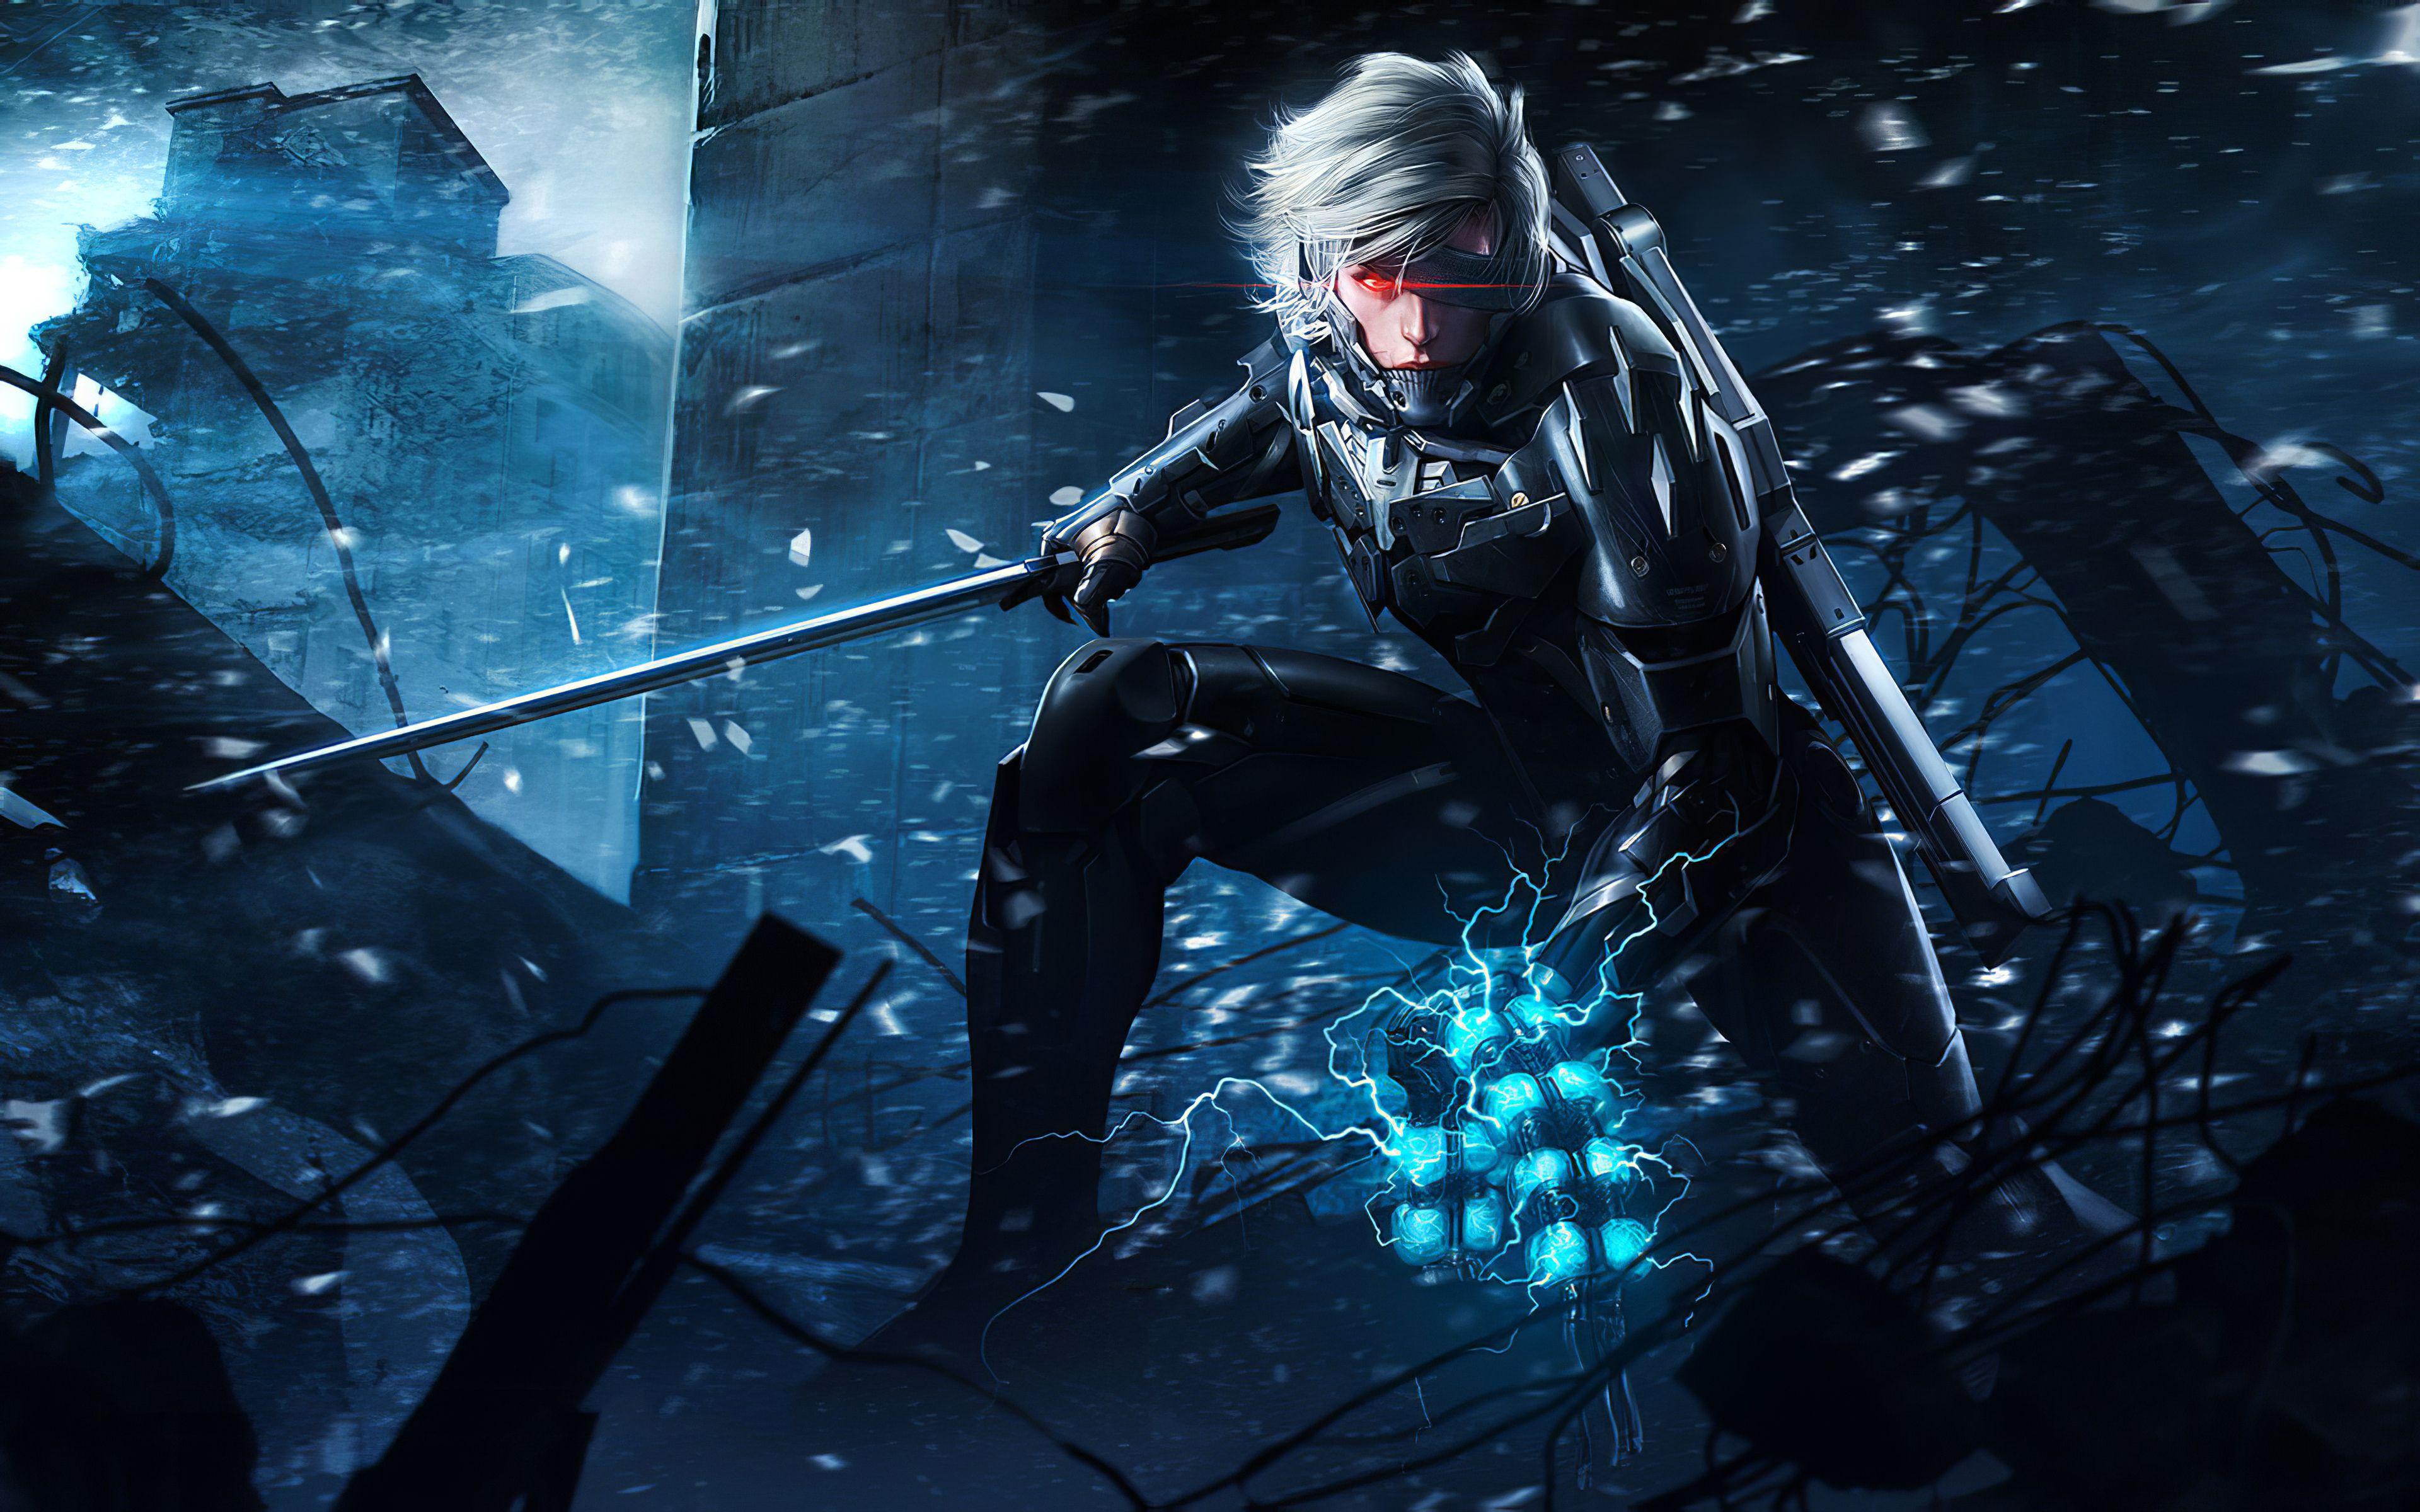 Metal Gear Metal Gear 4k Wallpapers Hd Anime Wallpapers Anime Boy Gaming Wallpapers Hd Anime gamer boy wallpaper